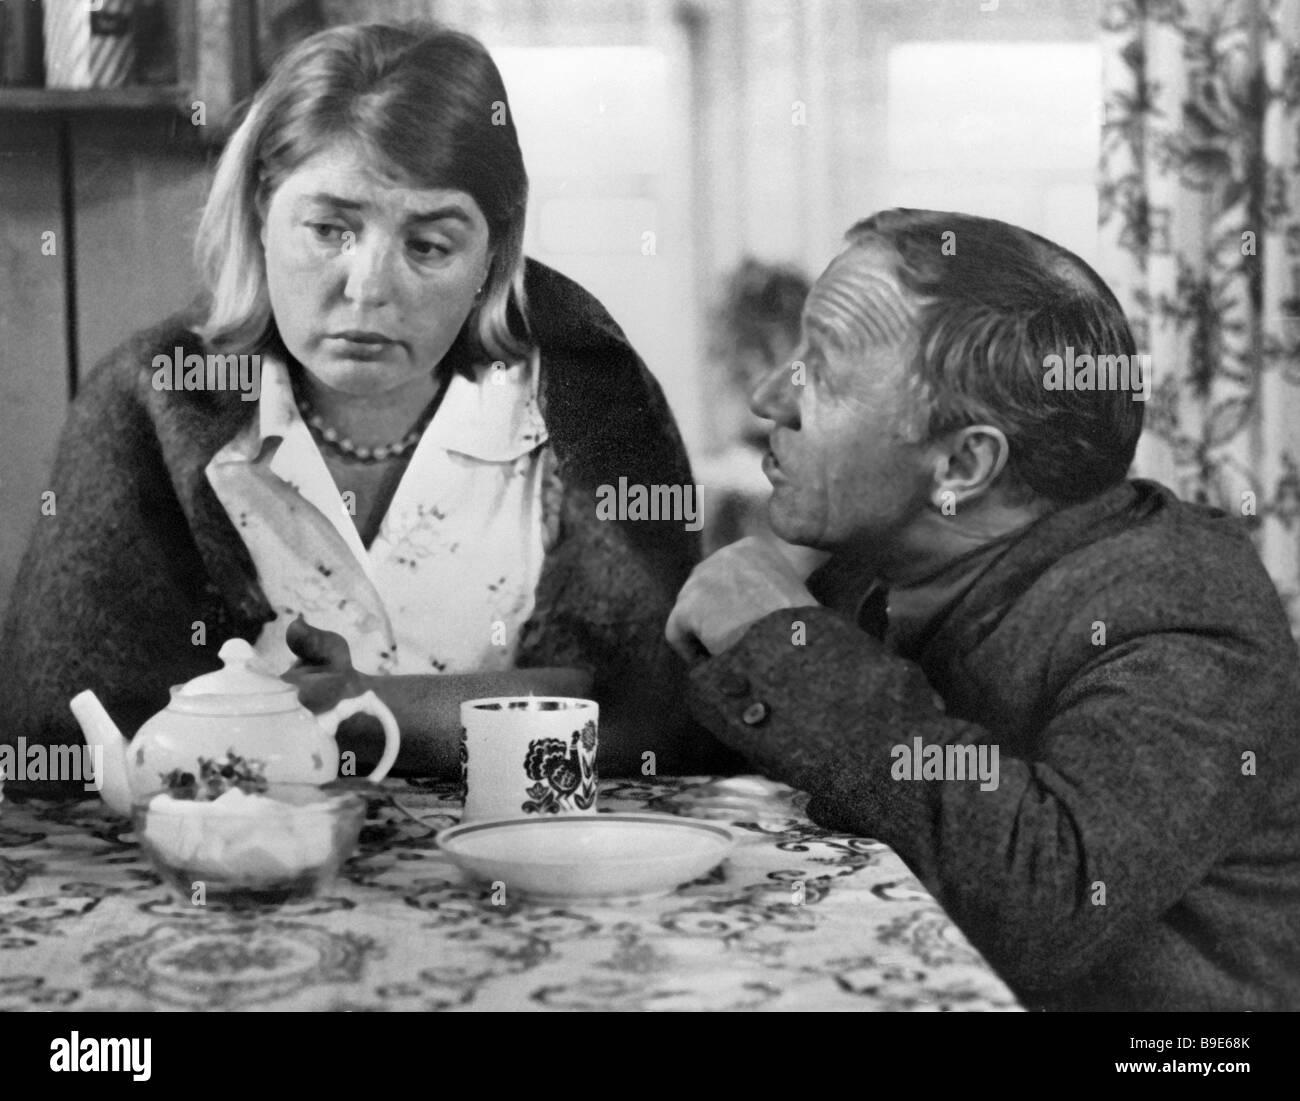 Lidiya Fedoseeva Shukshina left as Veselova and Mikhail Ulyanov right as Nikolai in the movie Call me to the shining - Stock Image